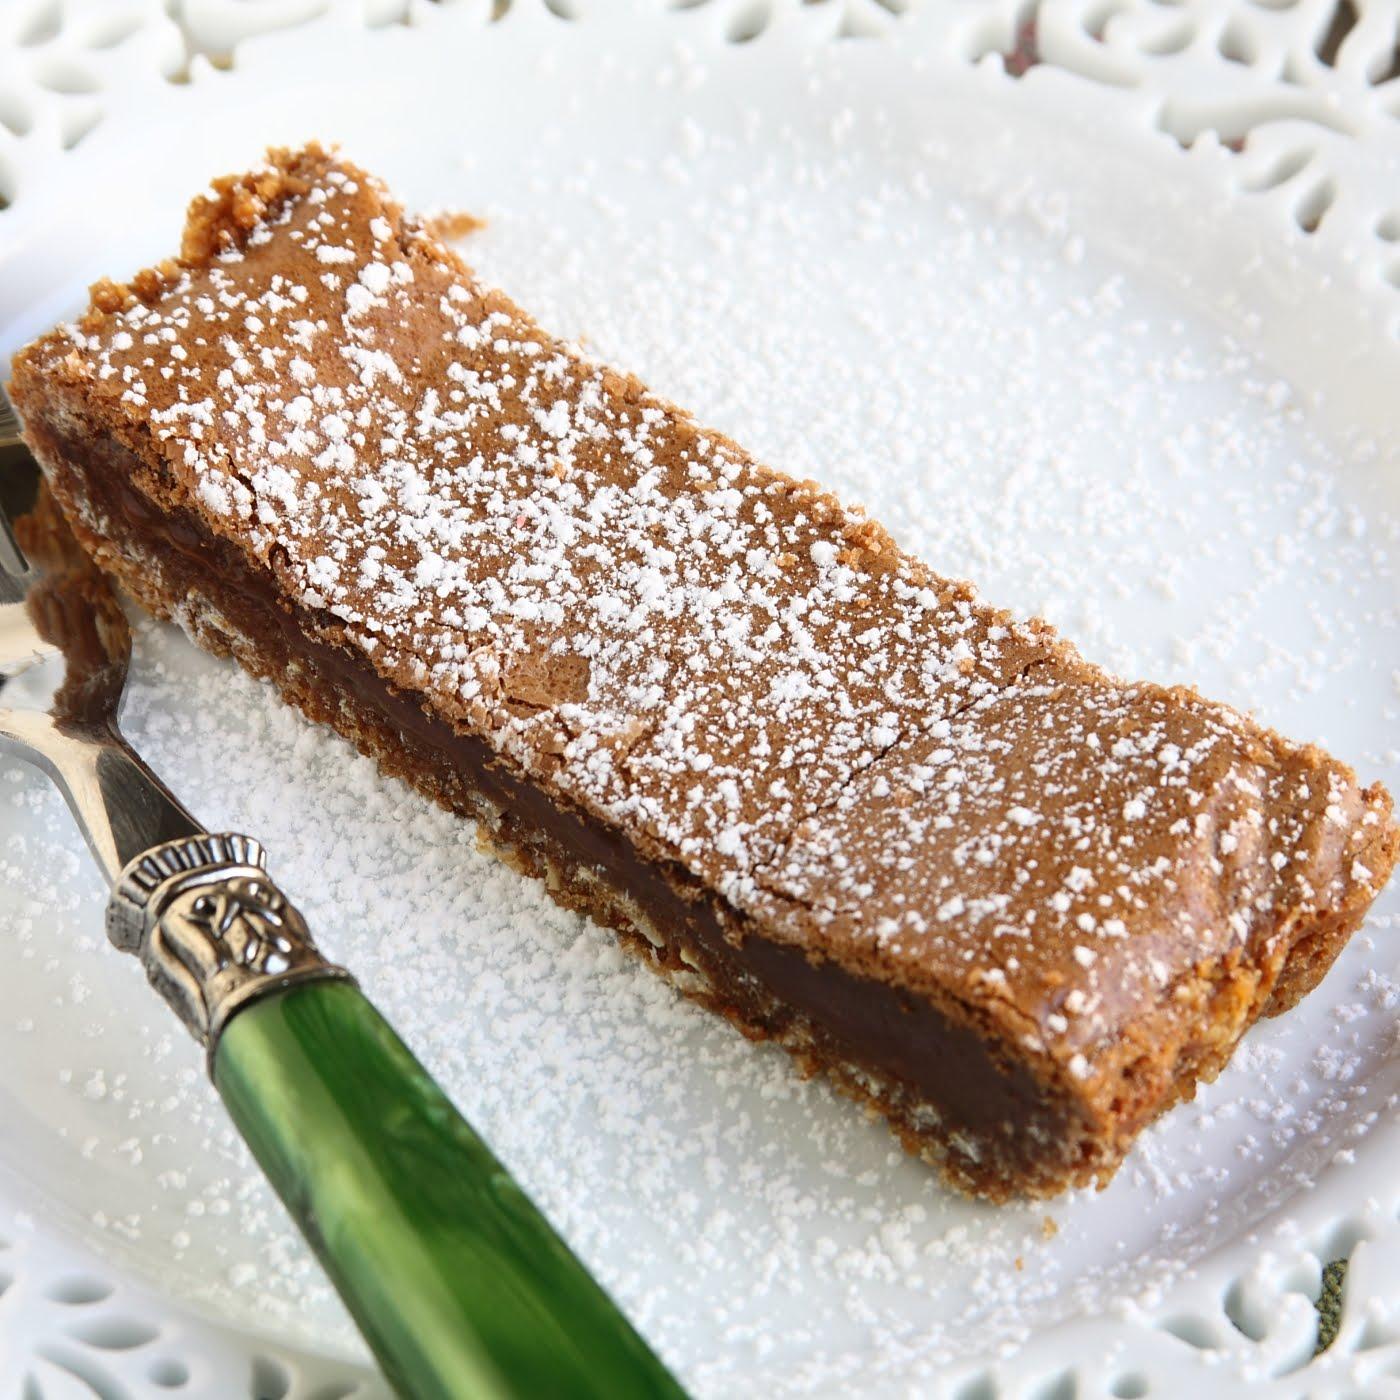 ShowFood Chef: Nutella Crack Pie - World Nutella Day